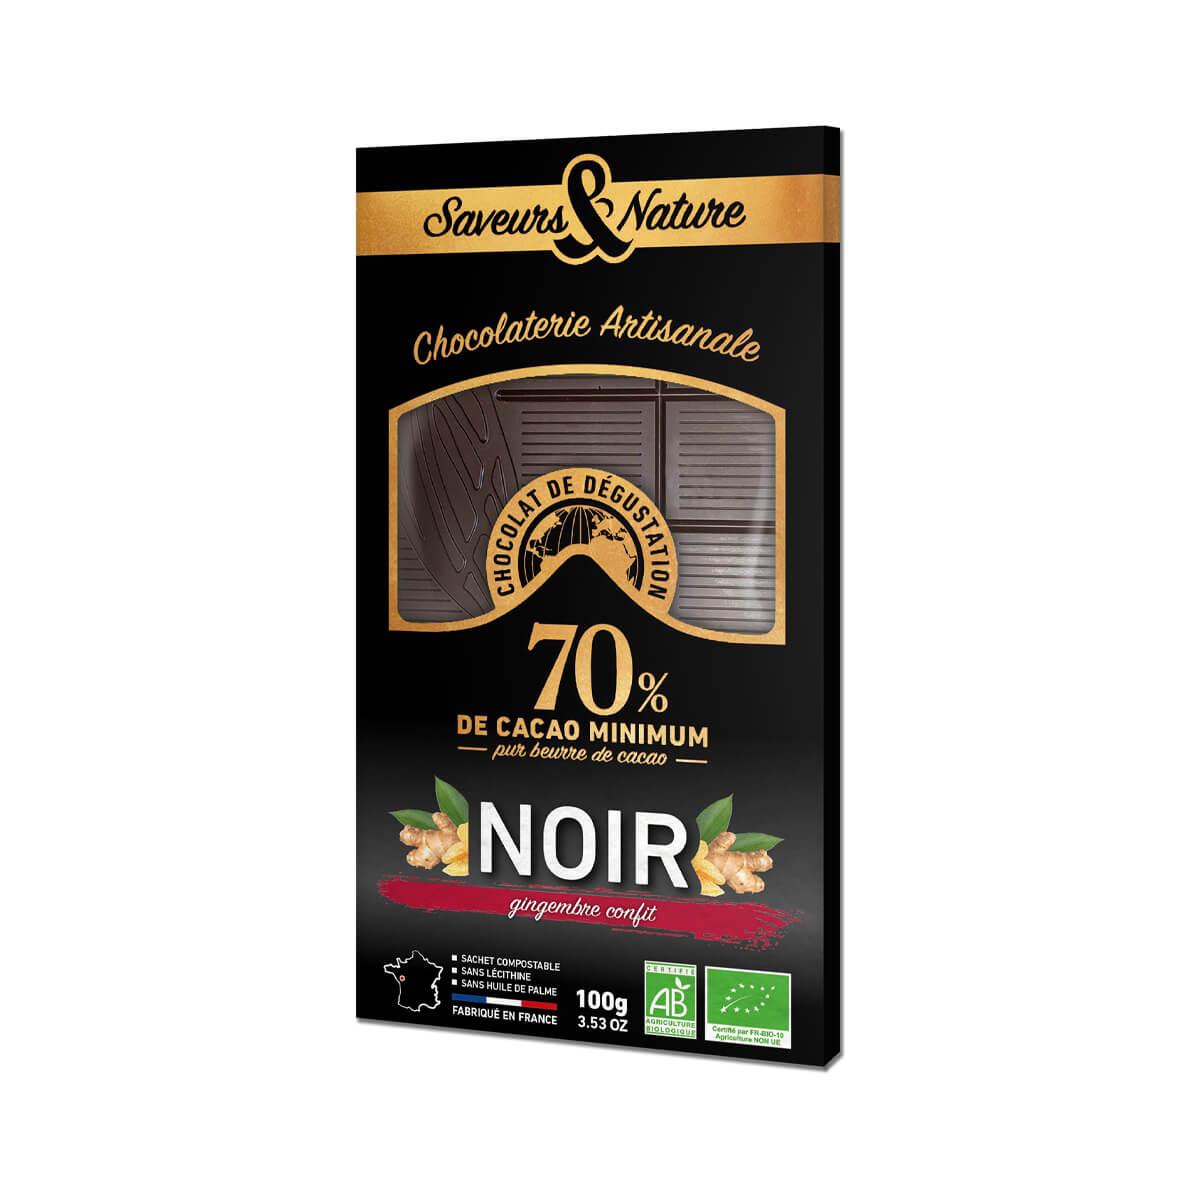 Saveurs & Nature - Tablette chocolat noir 70% gingembre confit 100g